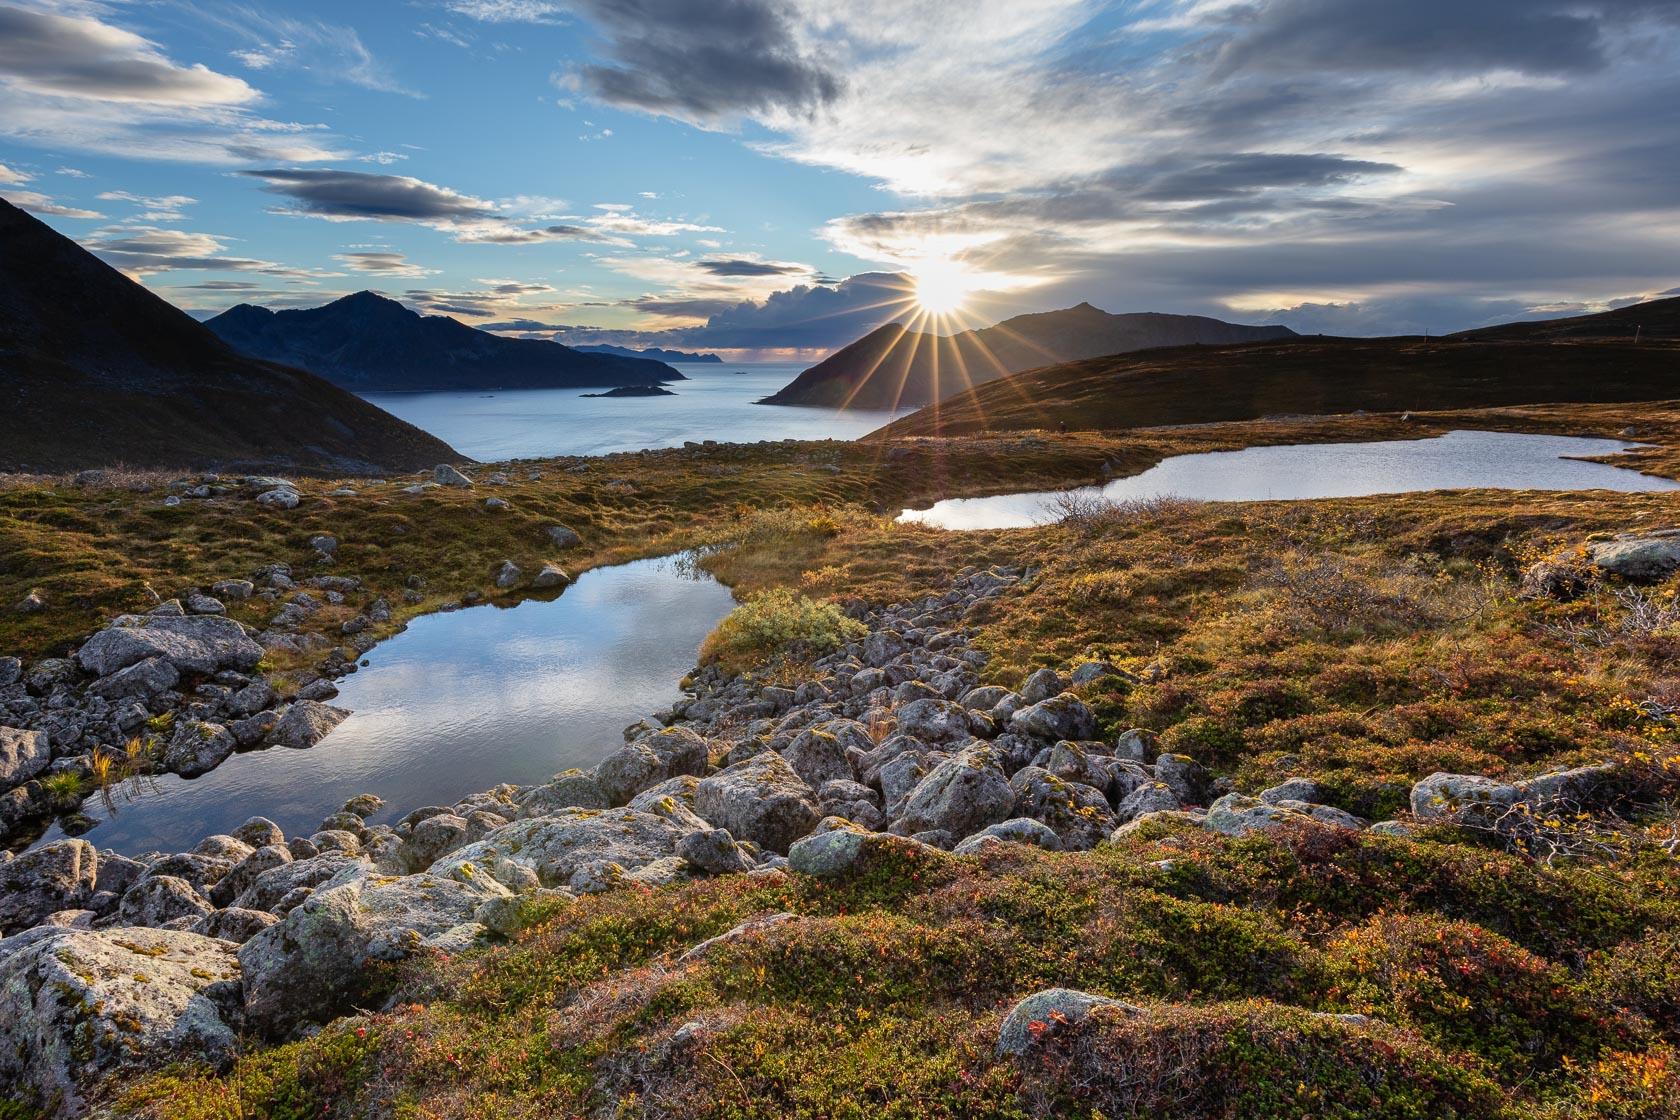 îles de Kvaløya et de Senja dans la région de Tromsø, en Norvège